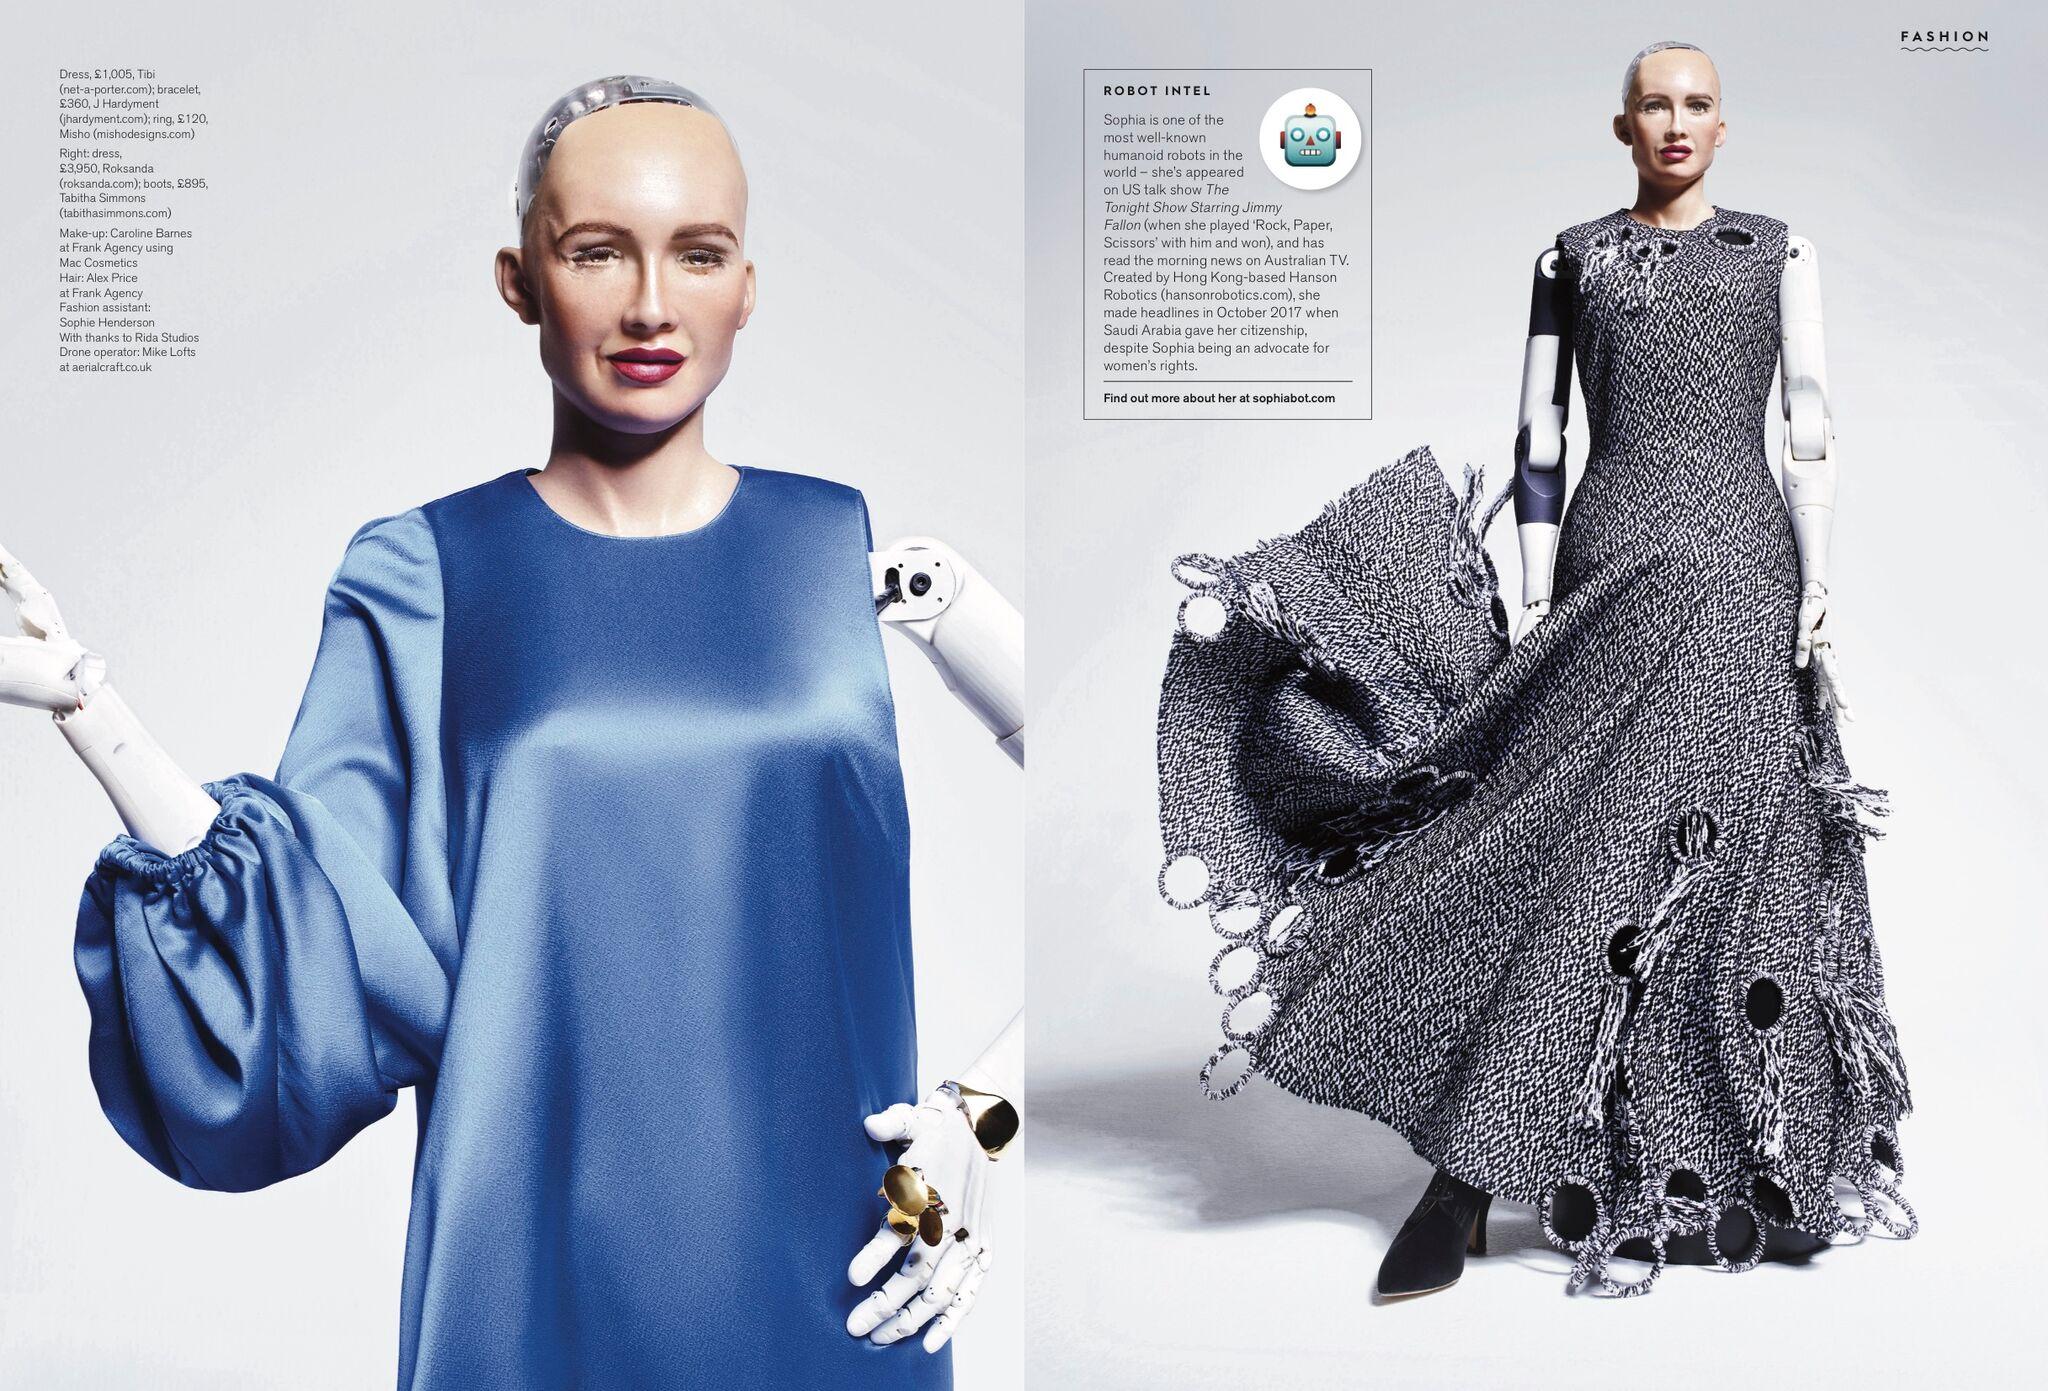 Sophia the Robot wear the 2 Face Bracelet in Stylist Magazine